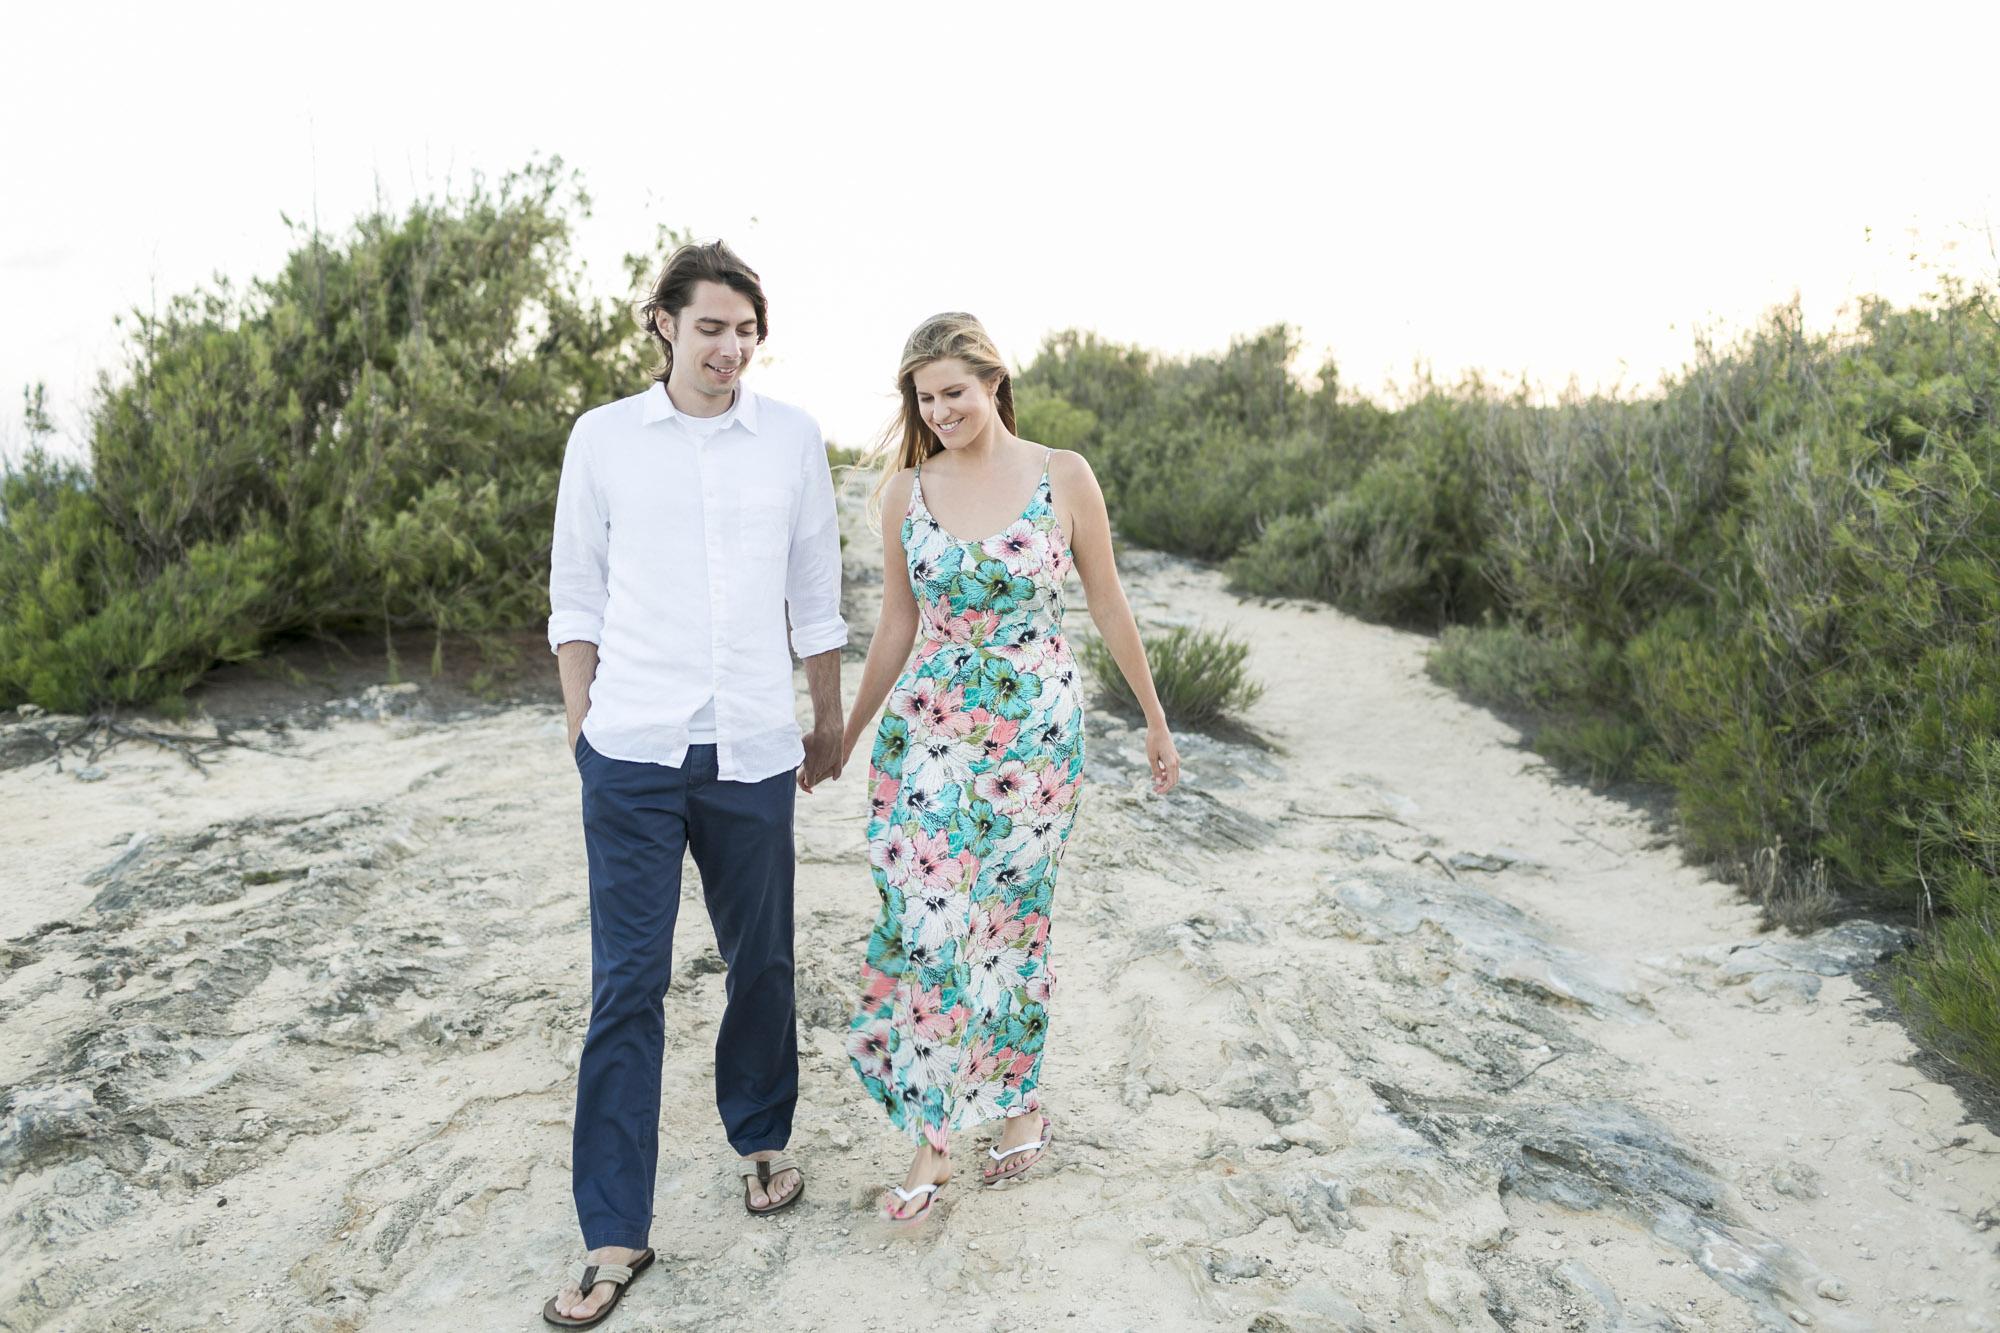 016_Epic_Cliff_Kauai_Beach_Engagement.jpg